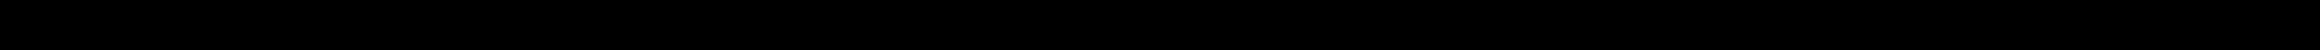 HJS 1H0.253.141 A, 357.253.141, 357 253 141 A, 443 253 141 D, 9.456.105.580 Toruühendus, väljalaskesüsteem